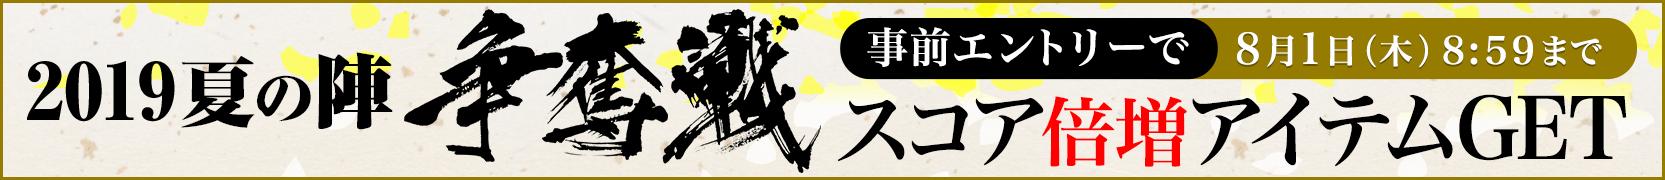 2019夏の陣争奪戦(事前エントリー)